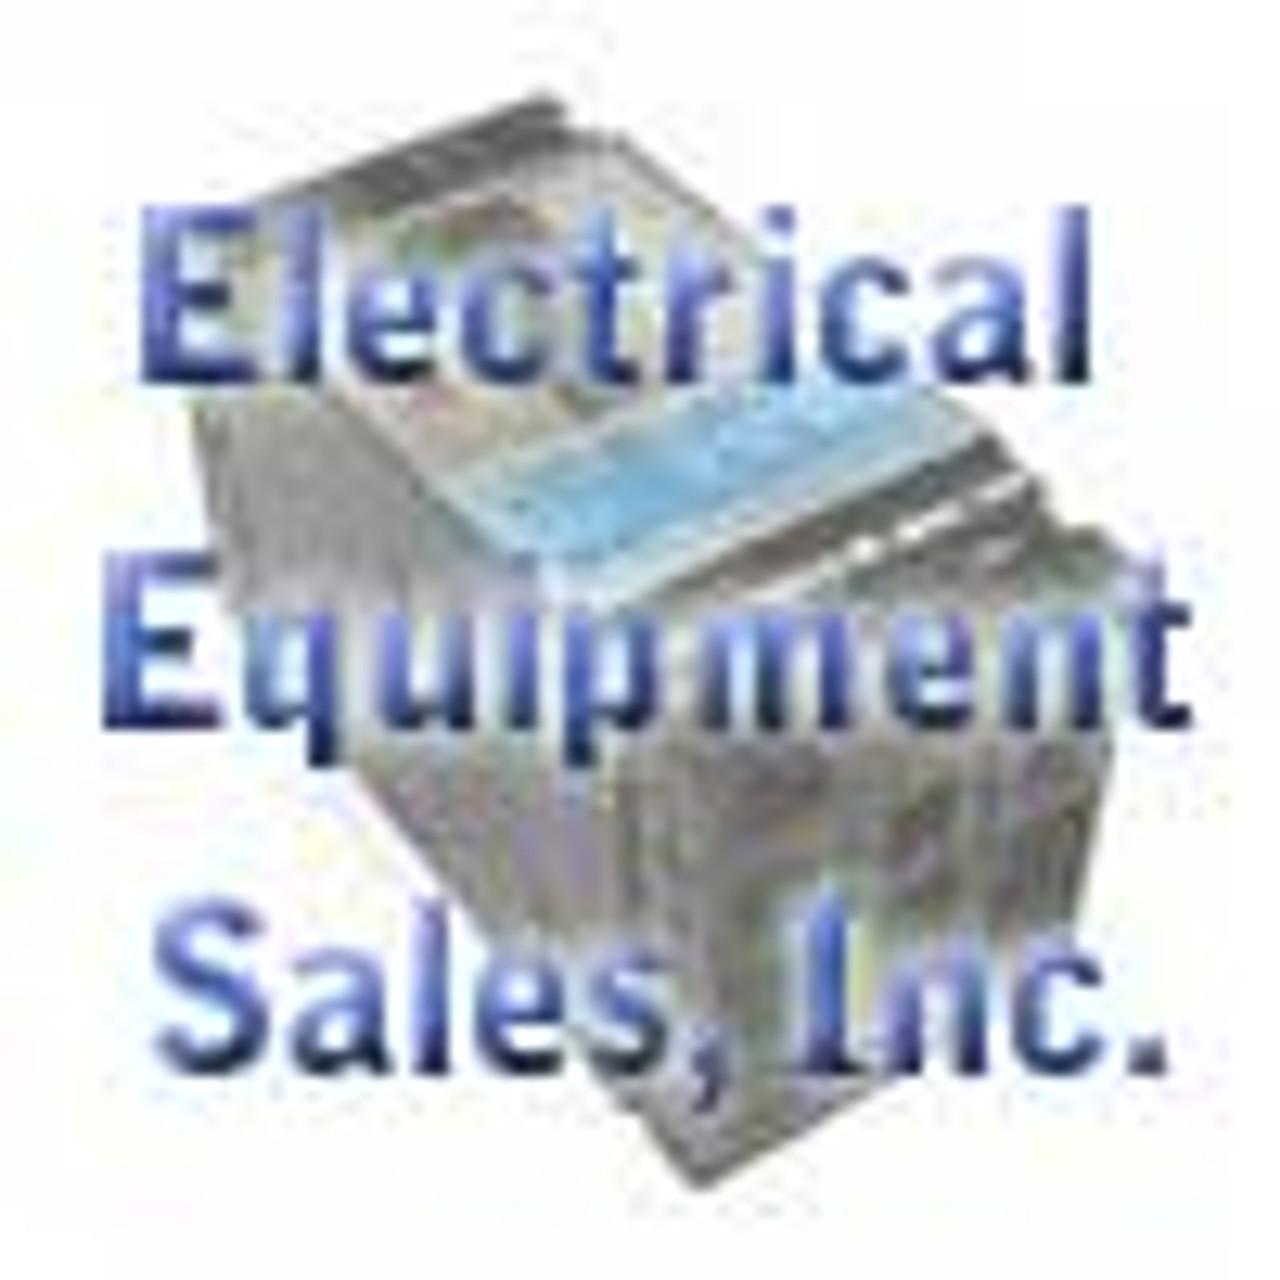 EGS E320JM - 0.32 KVA 380/440/550/600 To 115/230V 1PH Transformer - New